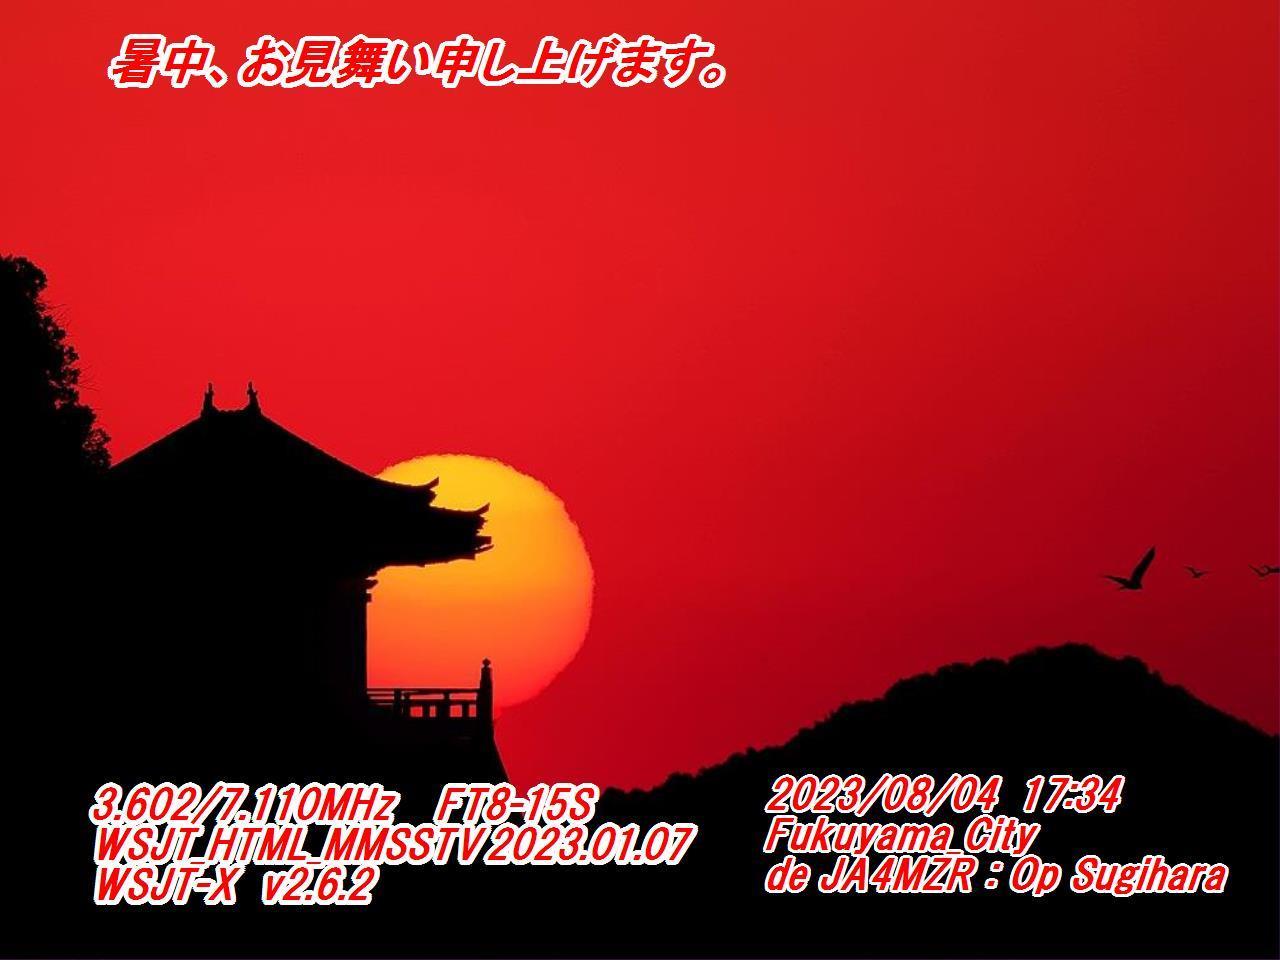 JA4MZR-3/